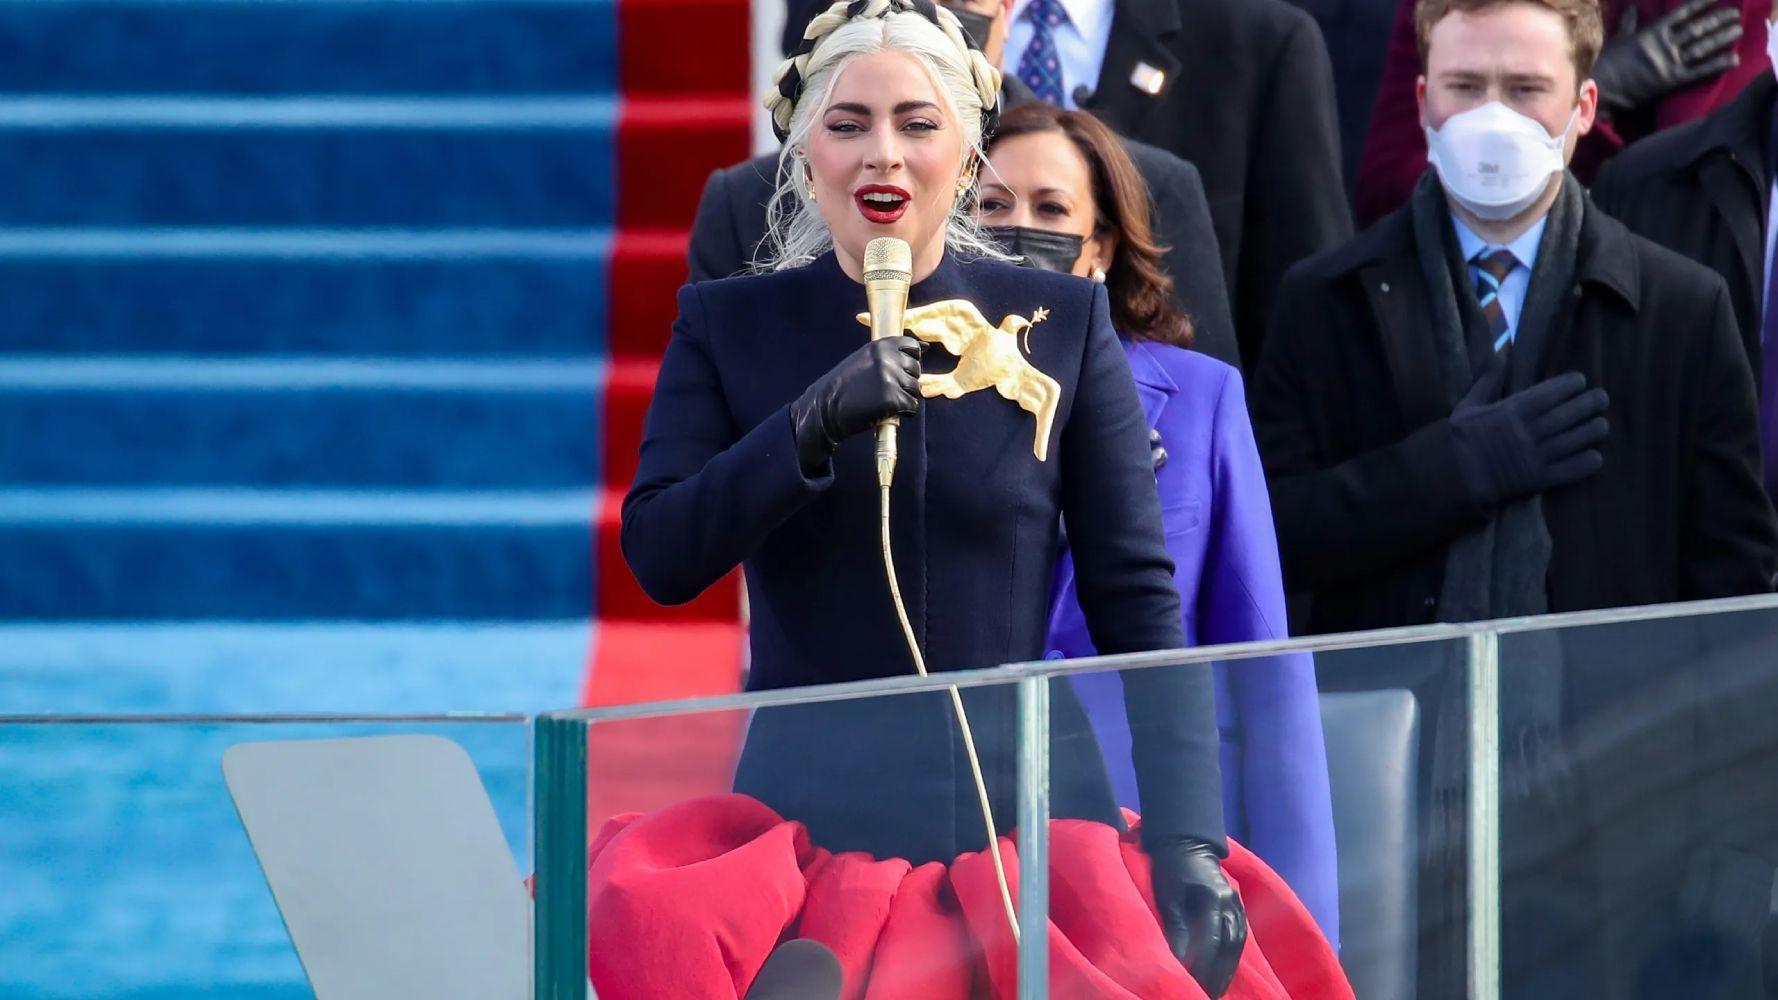 Lady Gaga mengenakan busana hitam merah, dengan pin burung emas di dadanya, pada pelantikkan Joe Biden.